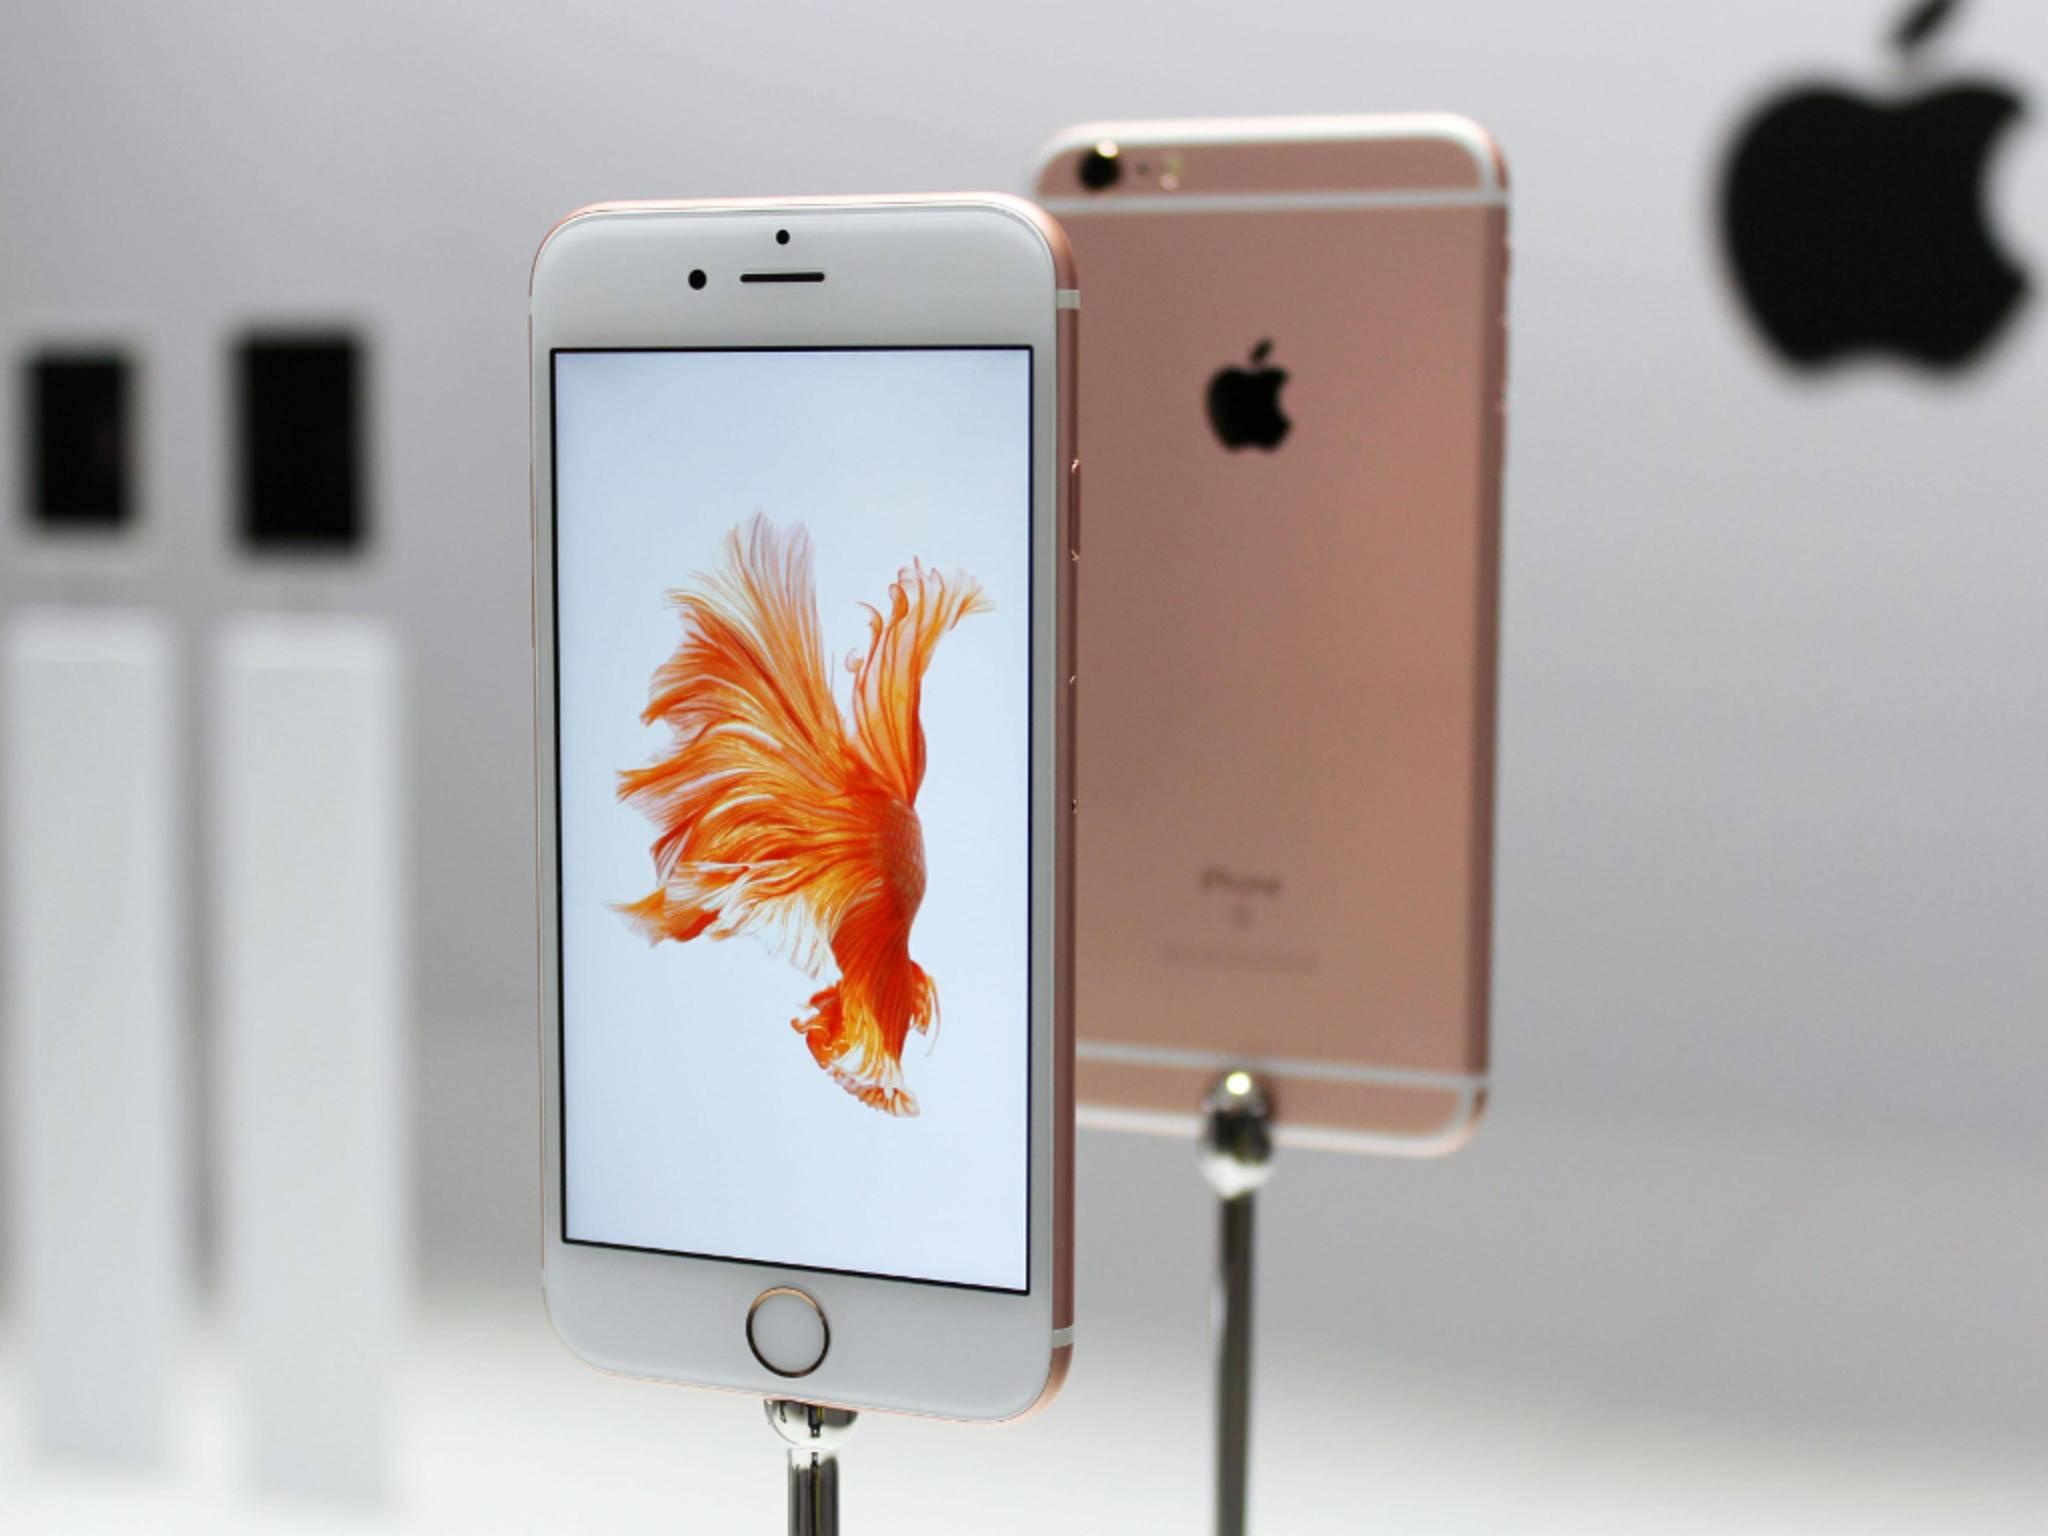 Wie das iPhone 6s soll es auch das iPhone 5se in Roségold zu kaufen geben.